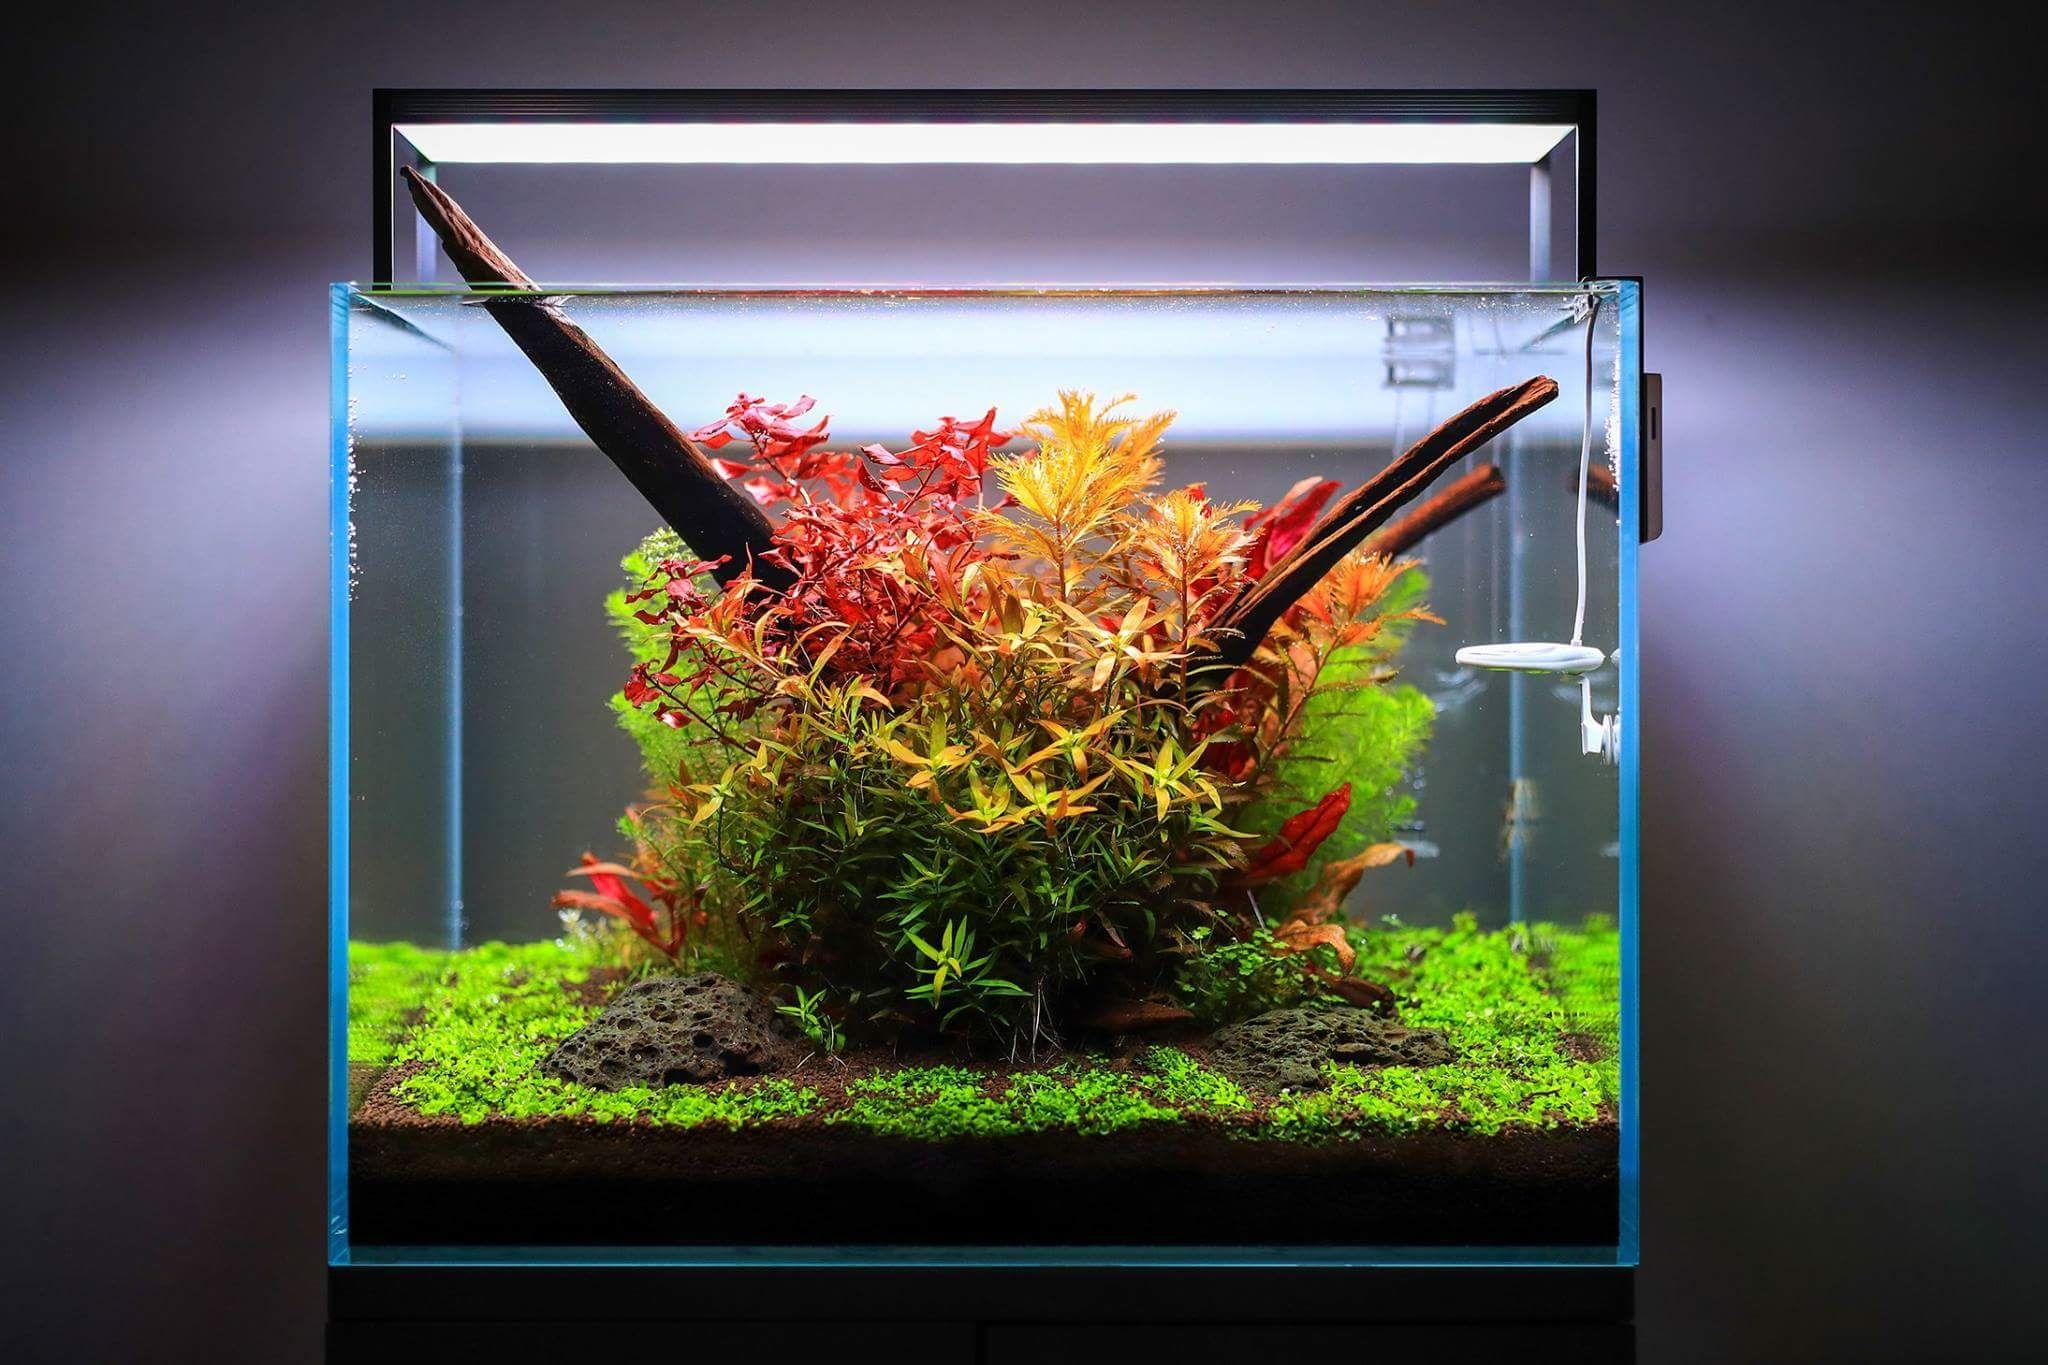 этих растения для нано аквариумов фото недавнего времени сеймицкая